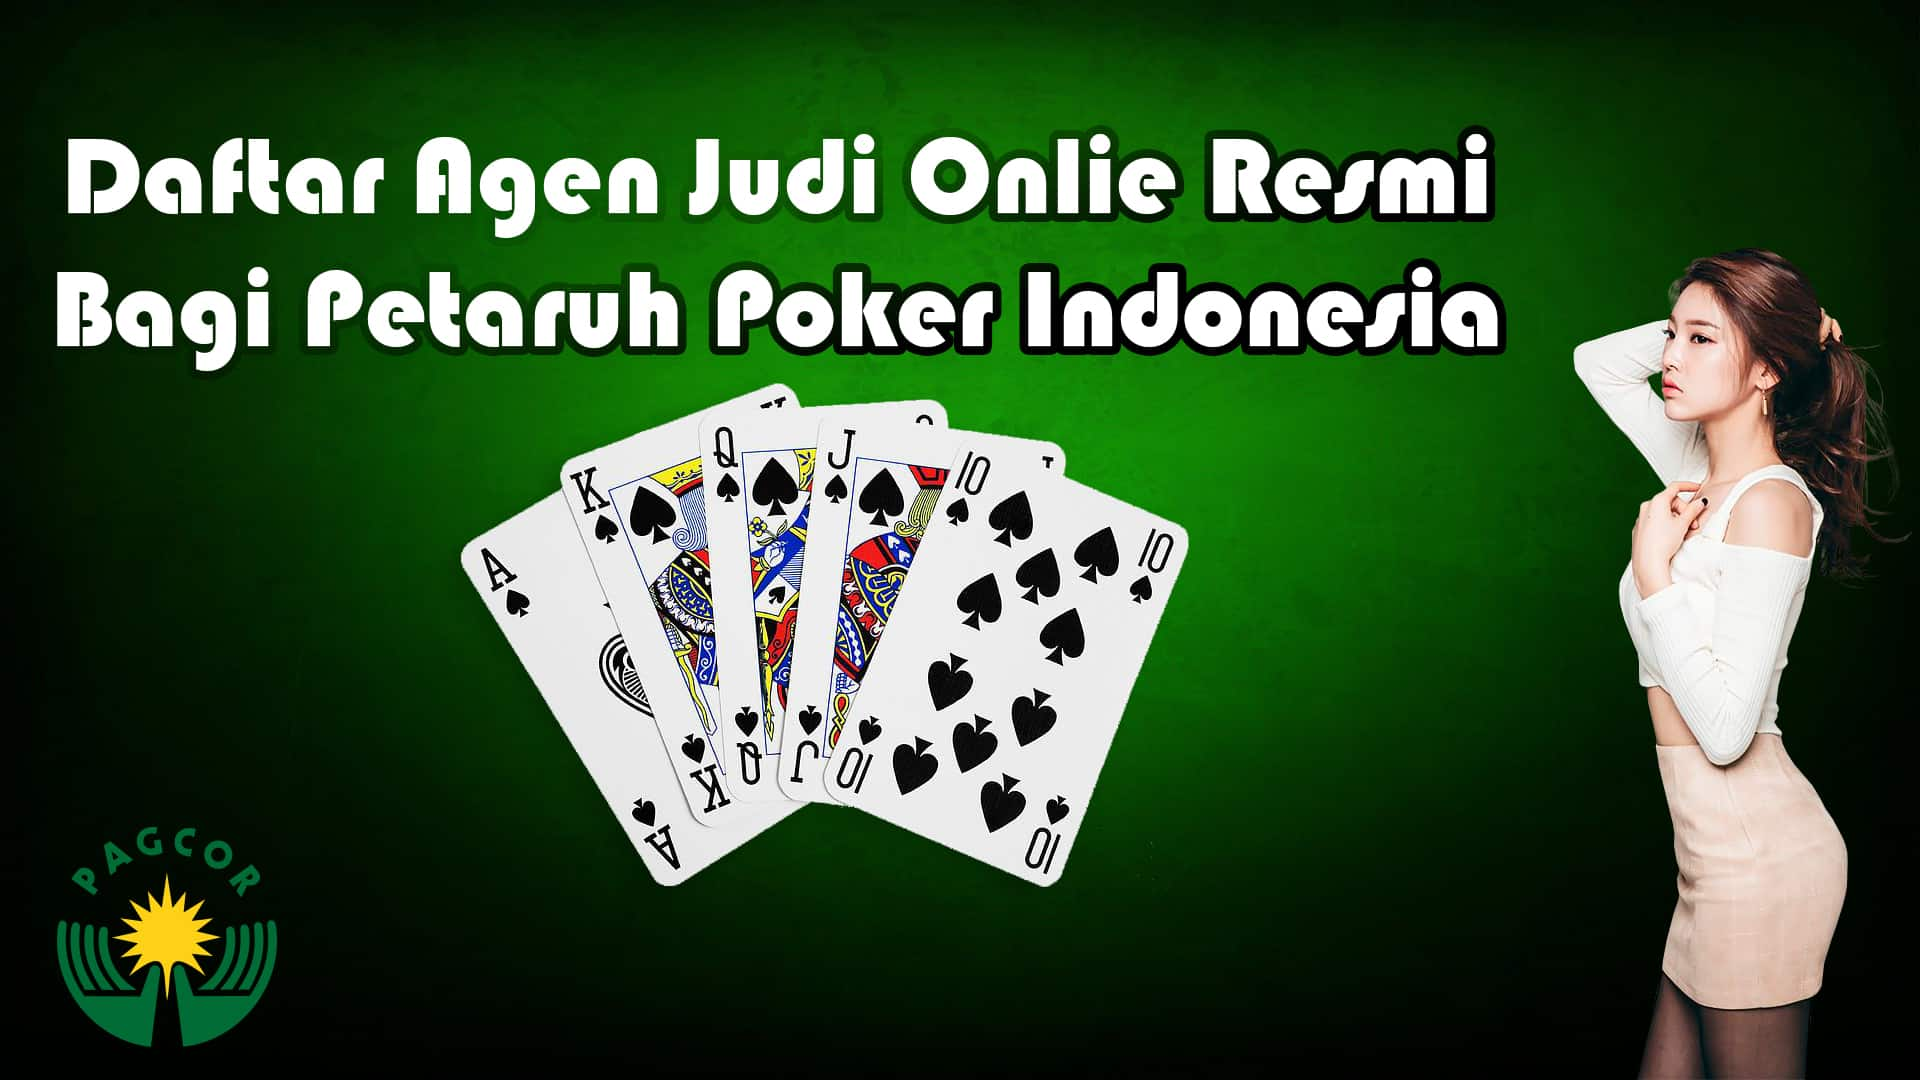 Daftar Agen Judi Online Resmi Bagi Petaruh Poker Indonesia